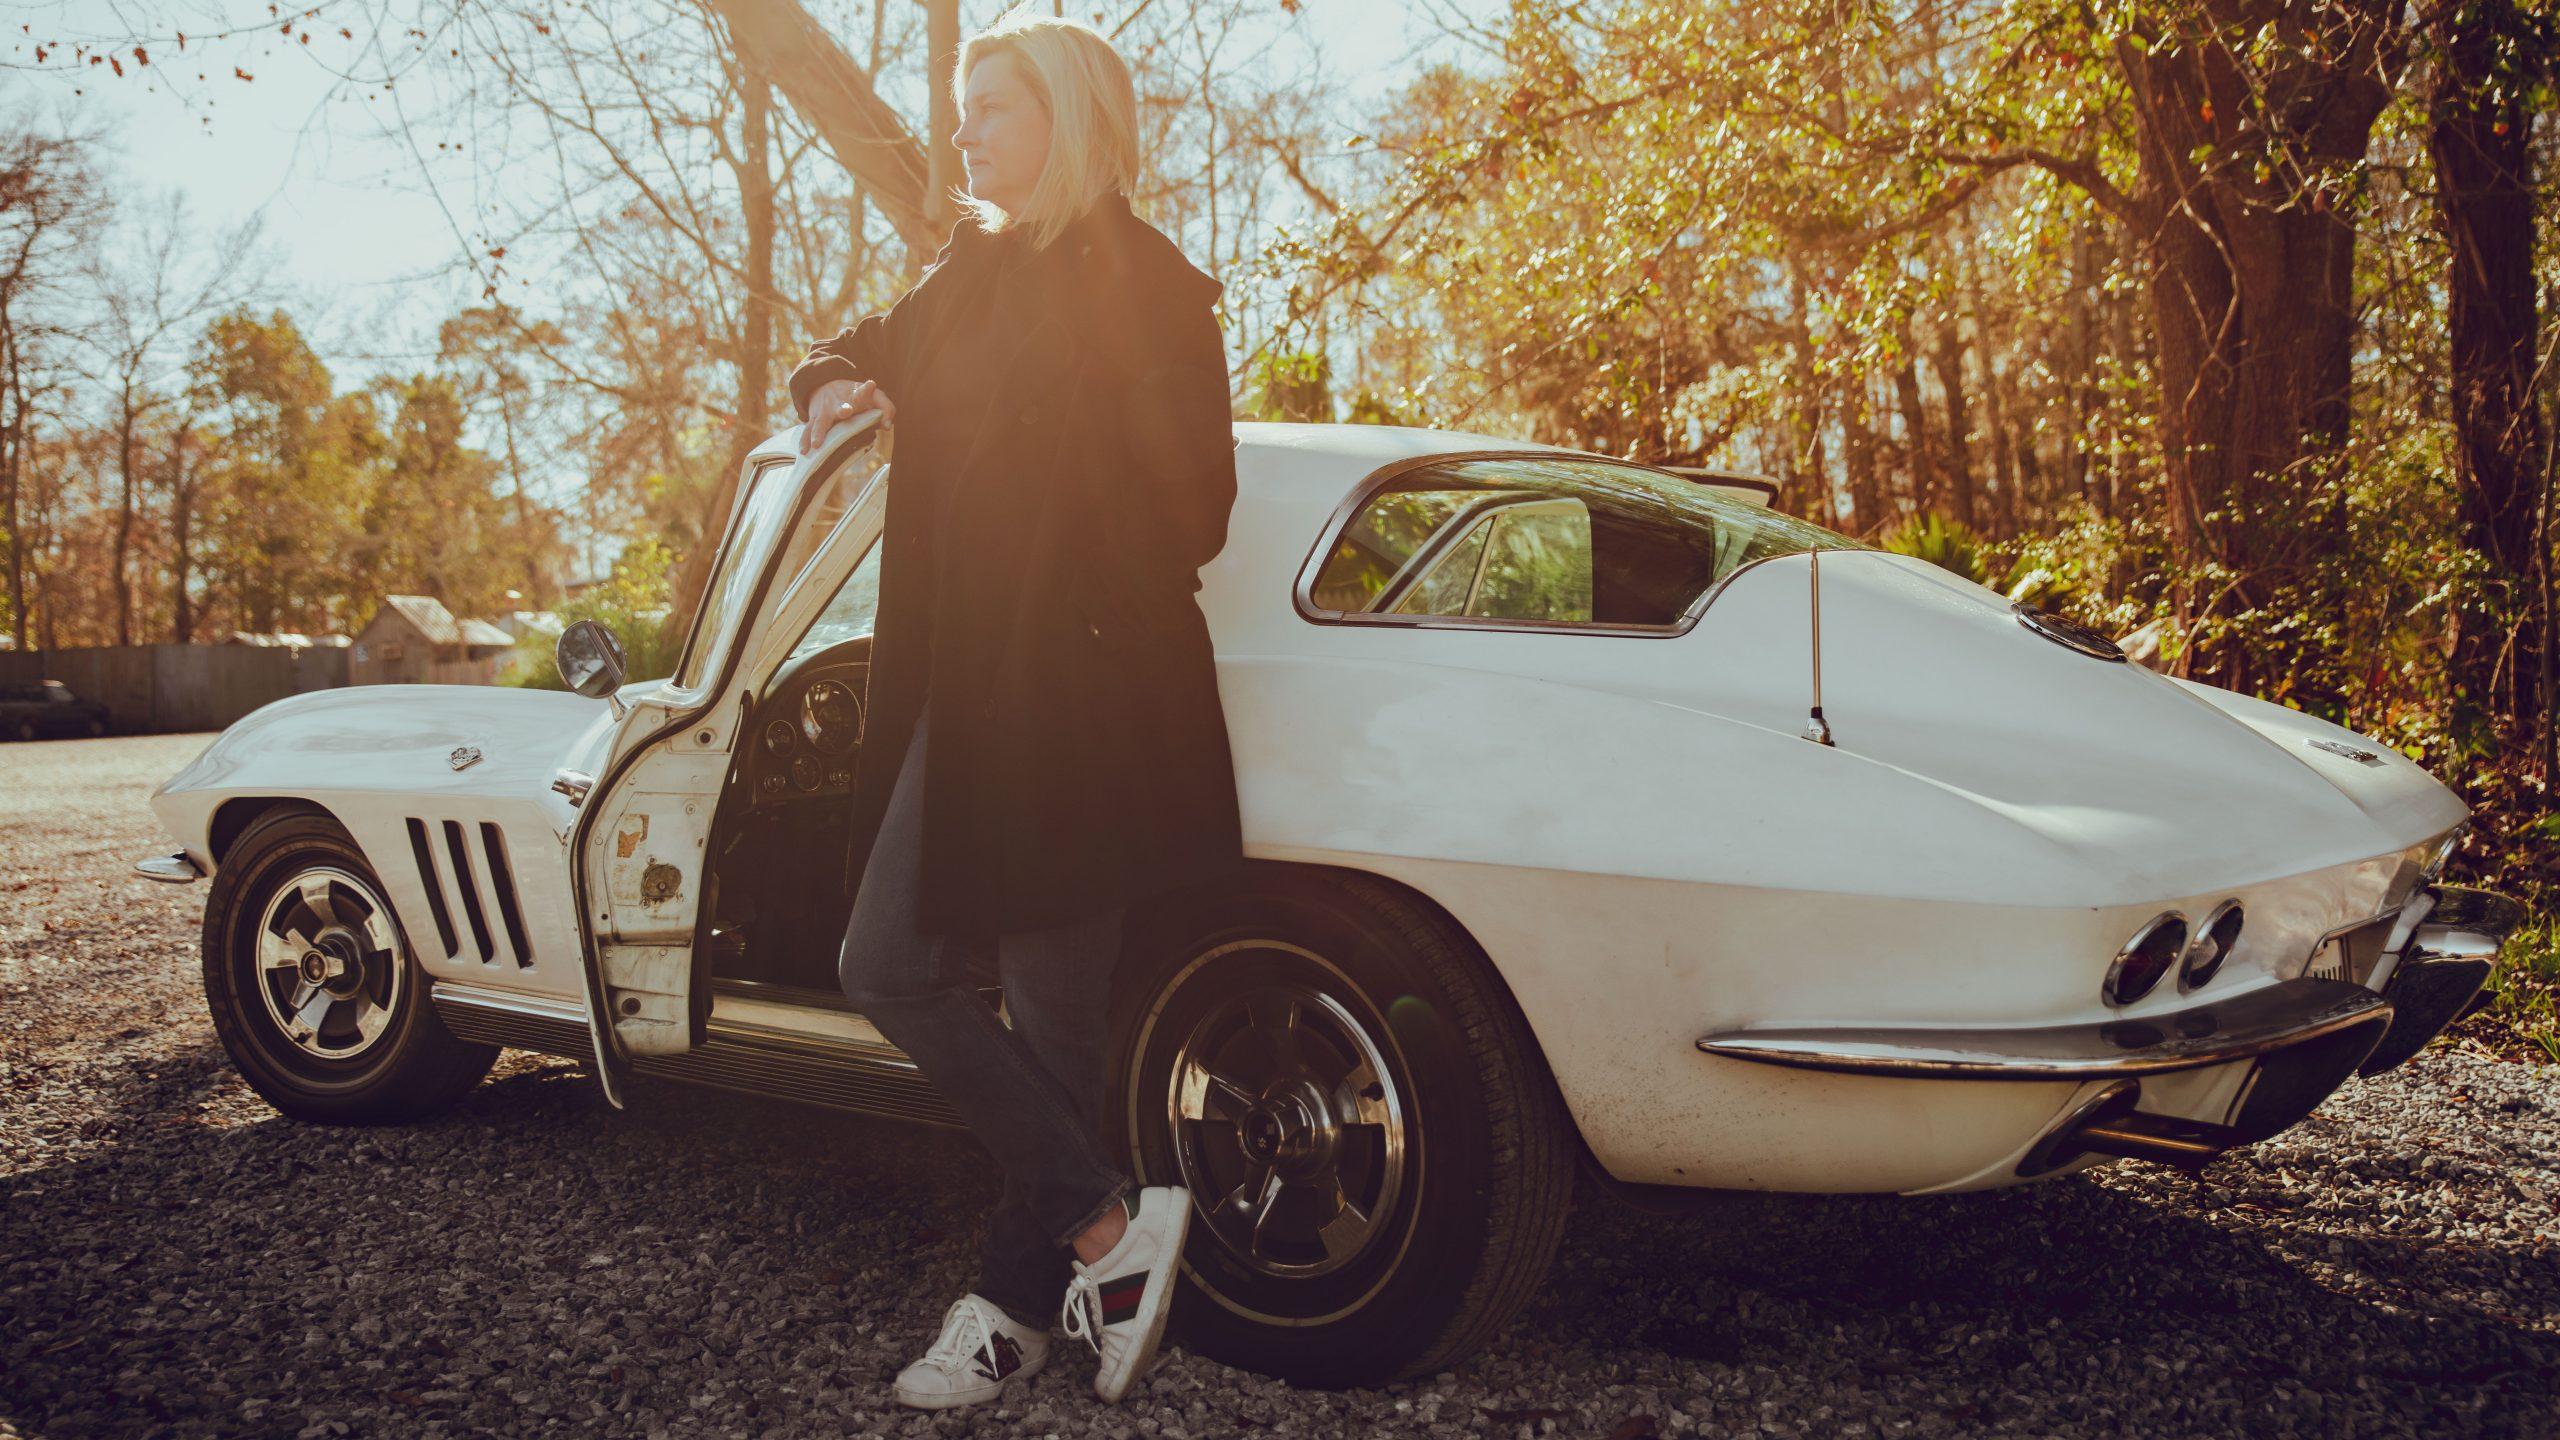 Leslie Sisco's 1966 Chevrolet Corvette